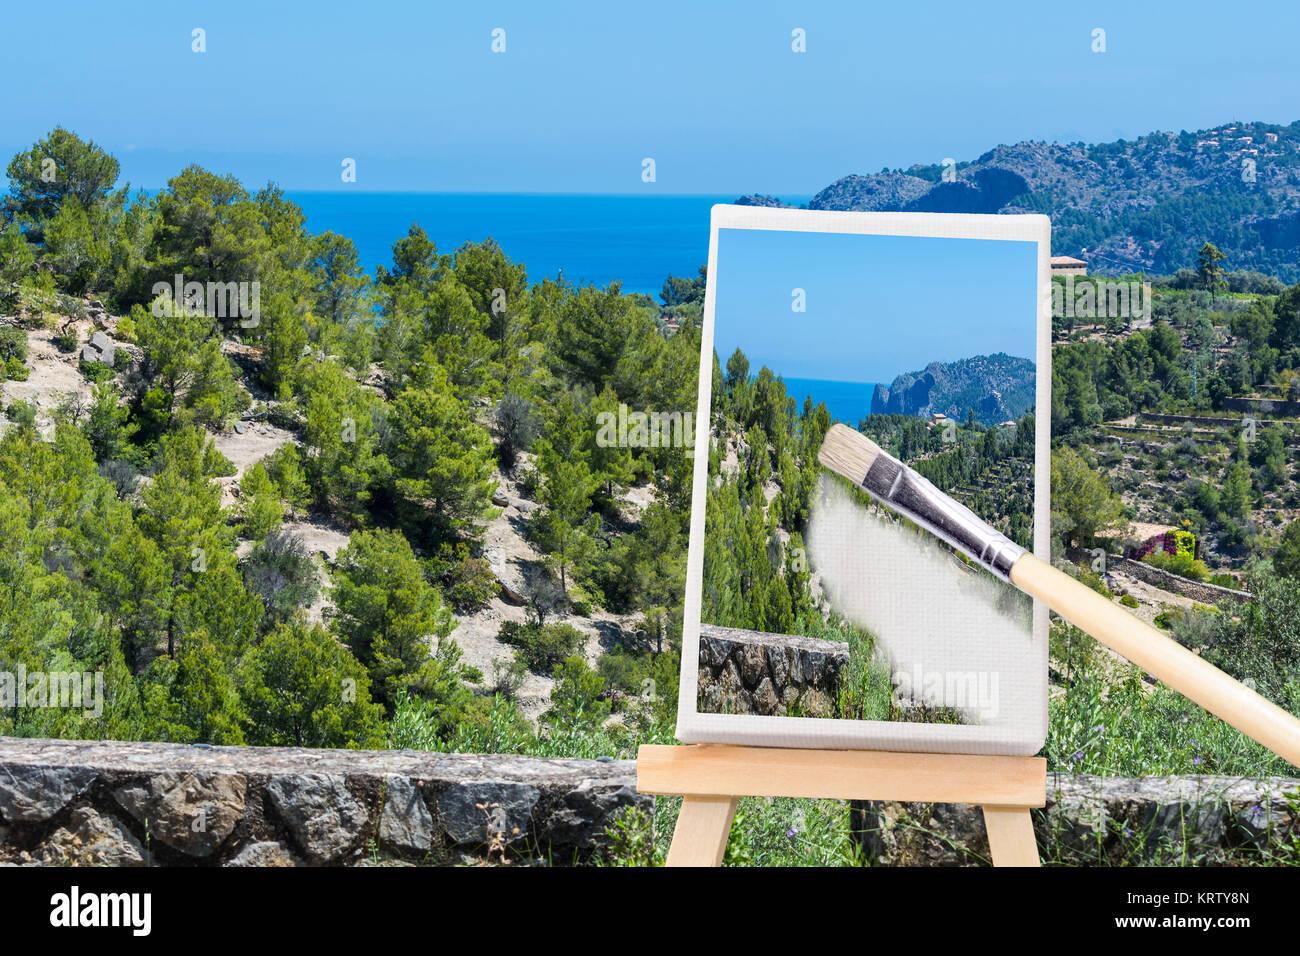 Maler mallorca stock photos maler mallorca stock images alamy - Bemalte leinwande ...